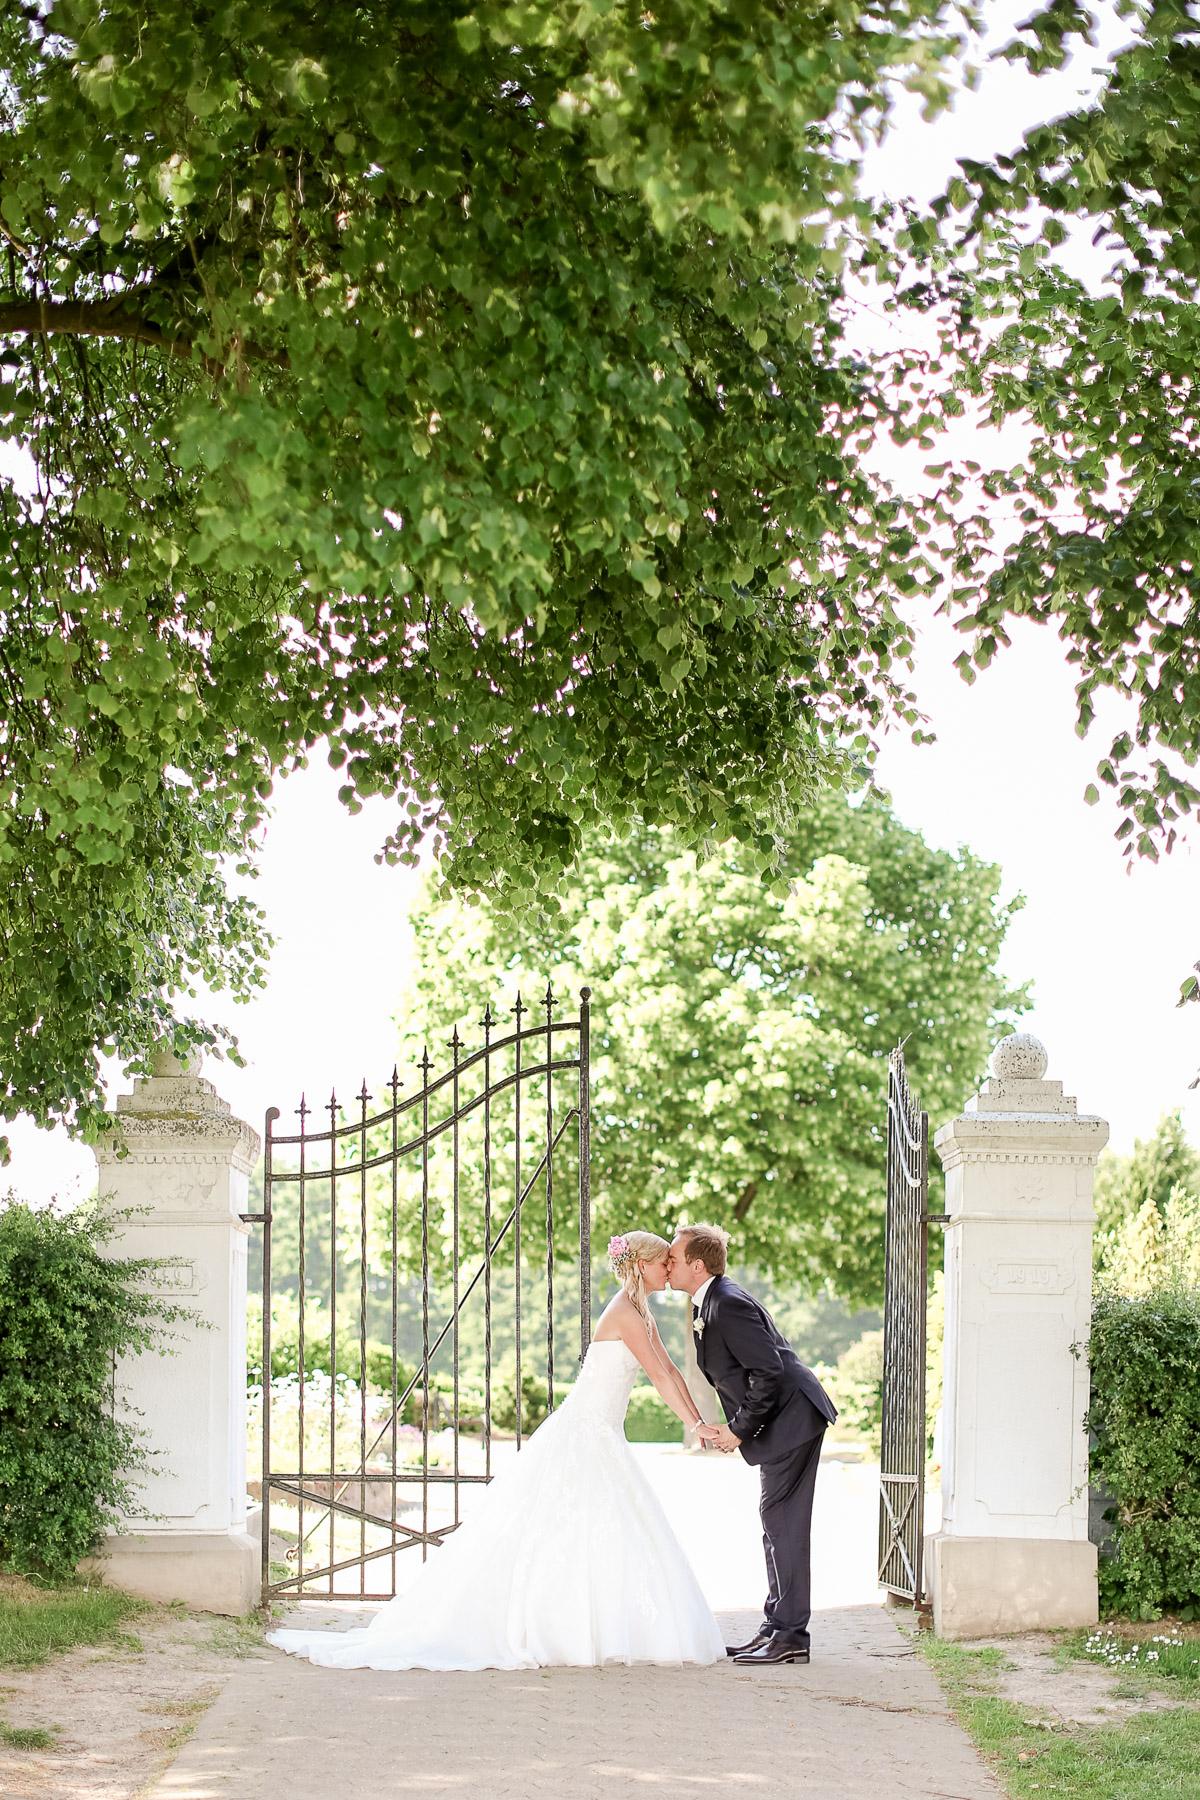 Hochzeitsfotograf-Melle-2015-06-1 (40-3)-2